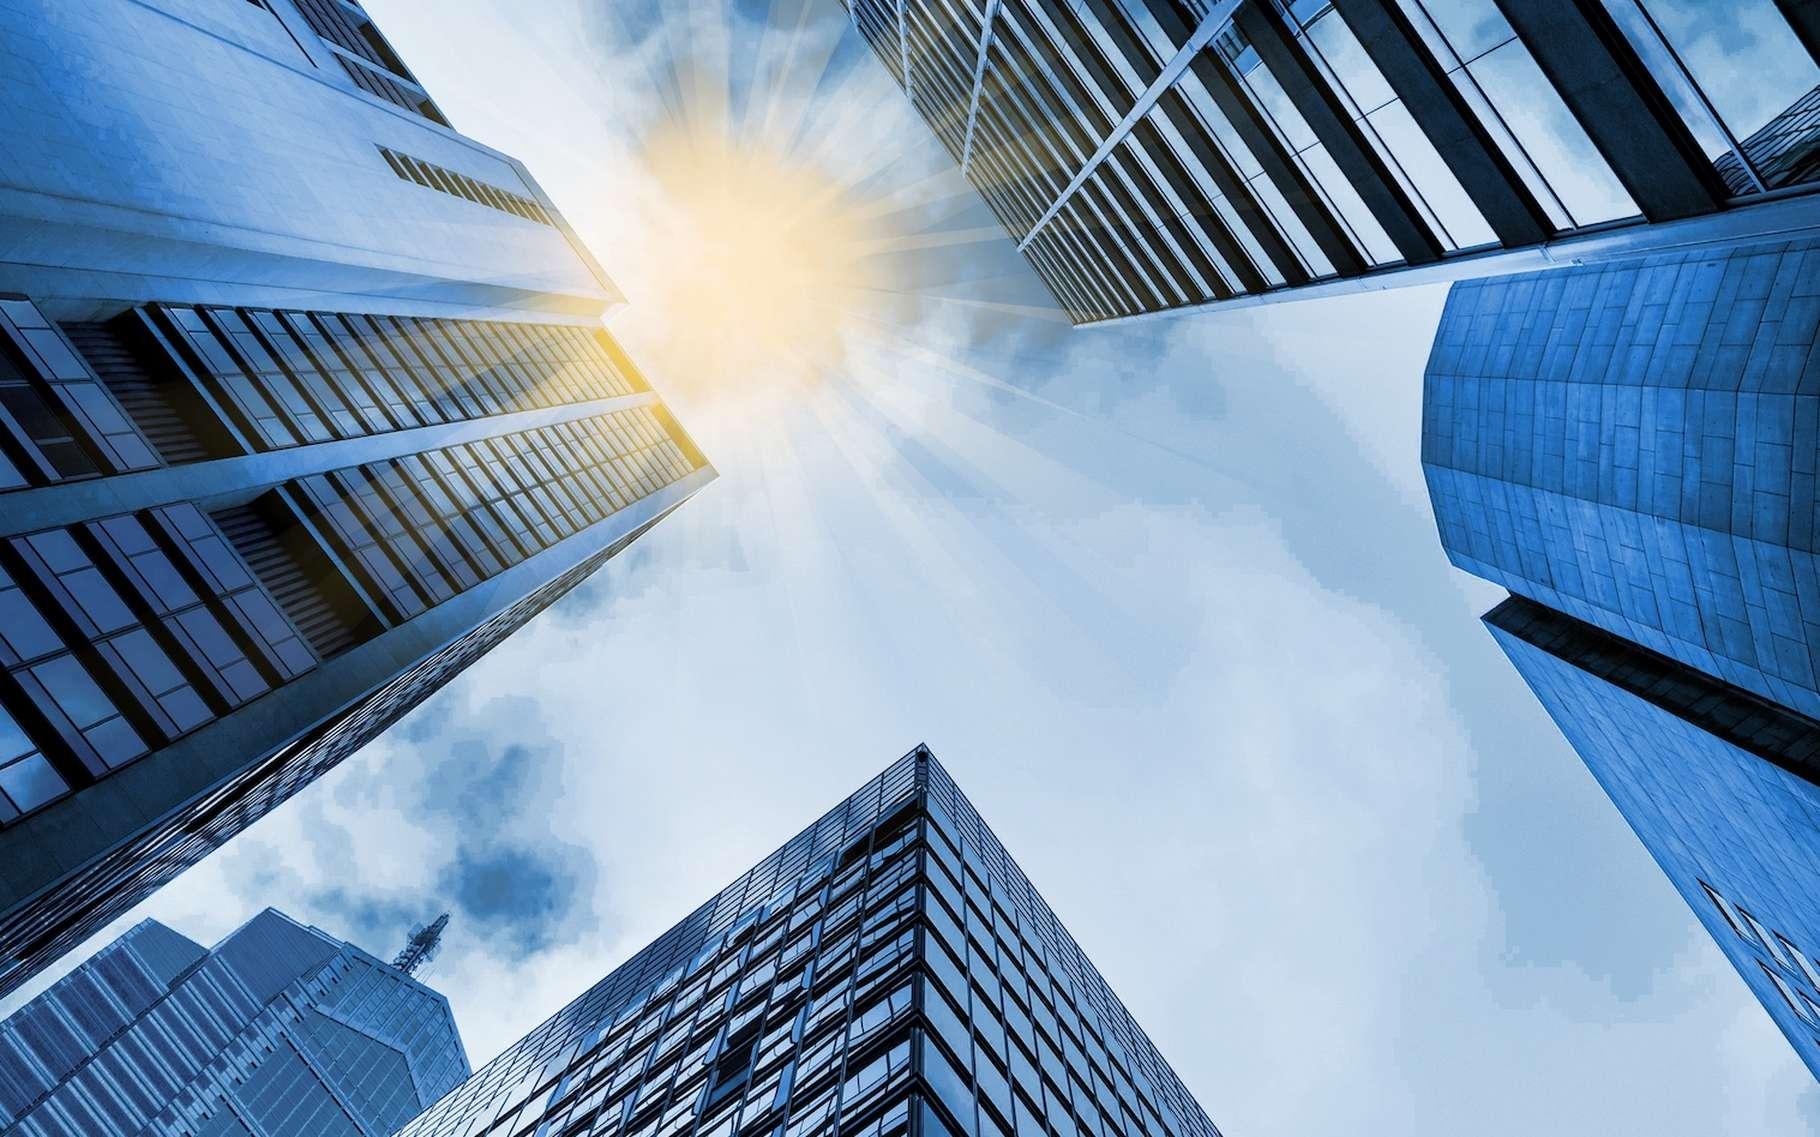 Énergie solaire : nos fenêtres produiront bientôt de l'électricité